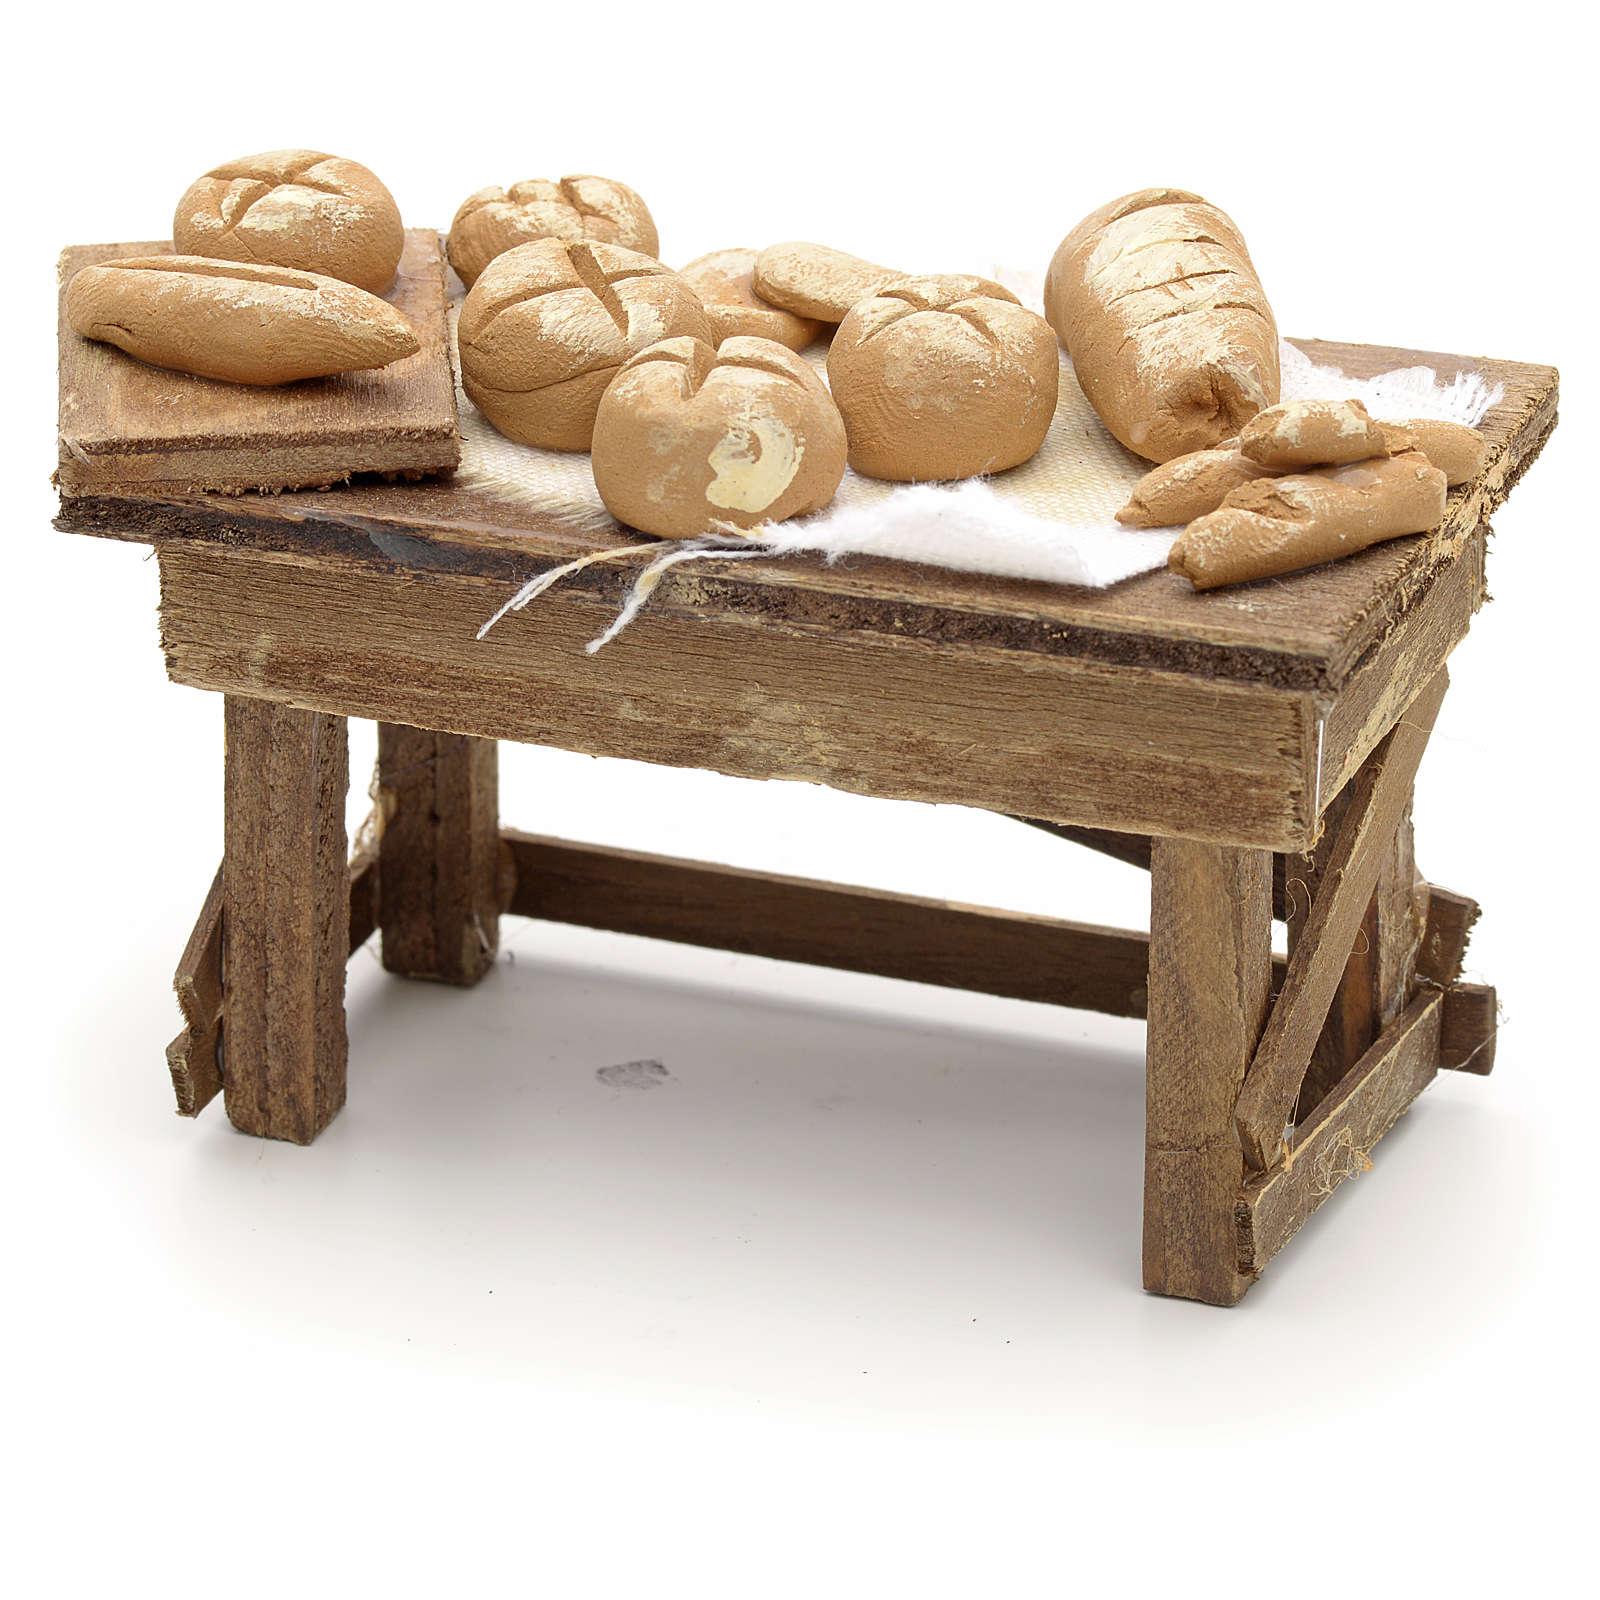 Stół z chlebami szopka neapolitańska 4